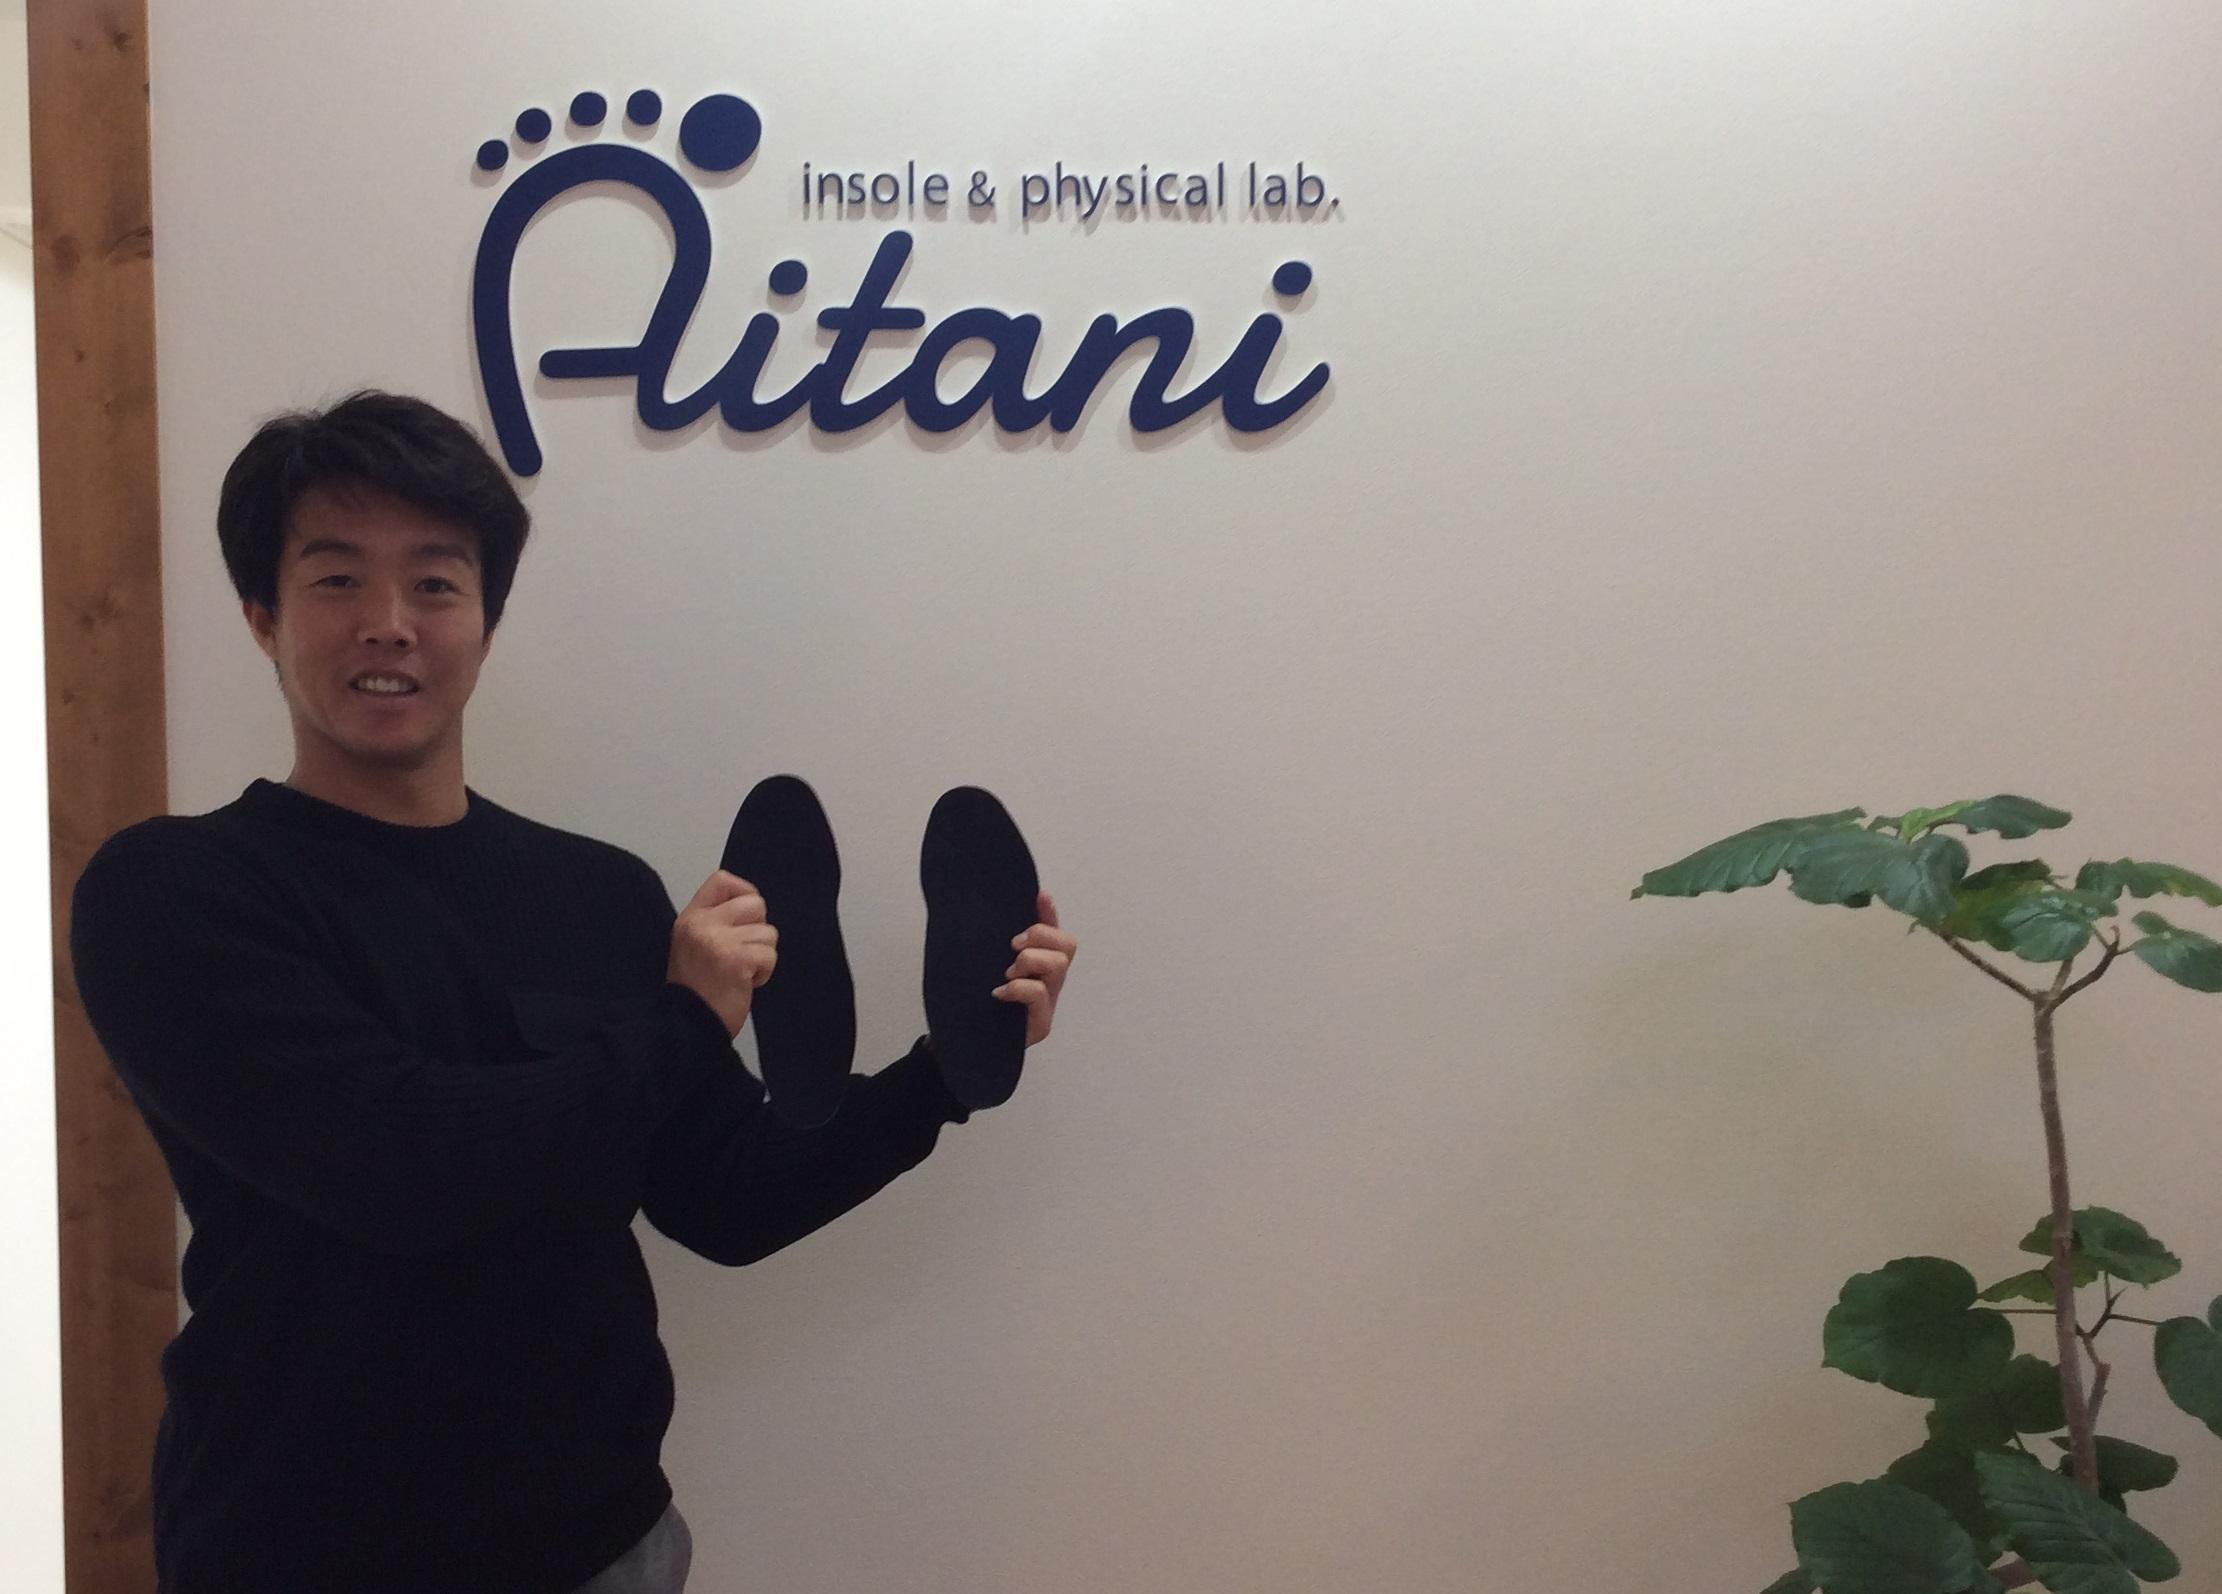 福岡ソフトバンクホークス 鶴岡慎也選手のインソールを作製しました!